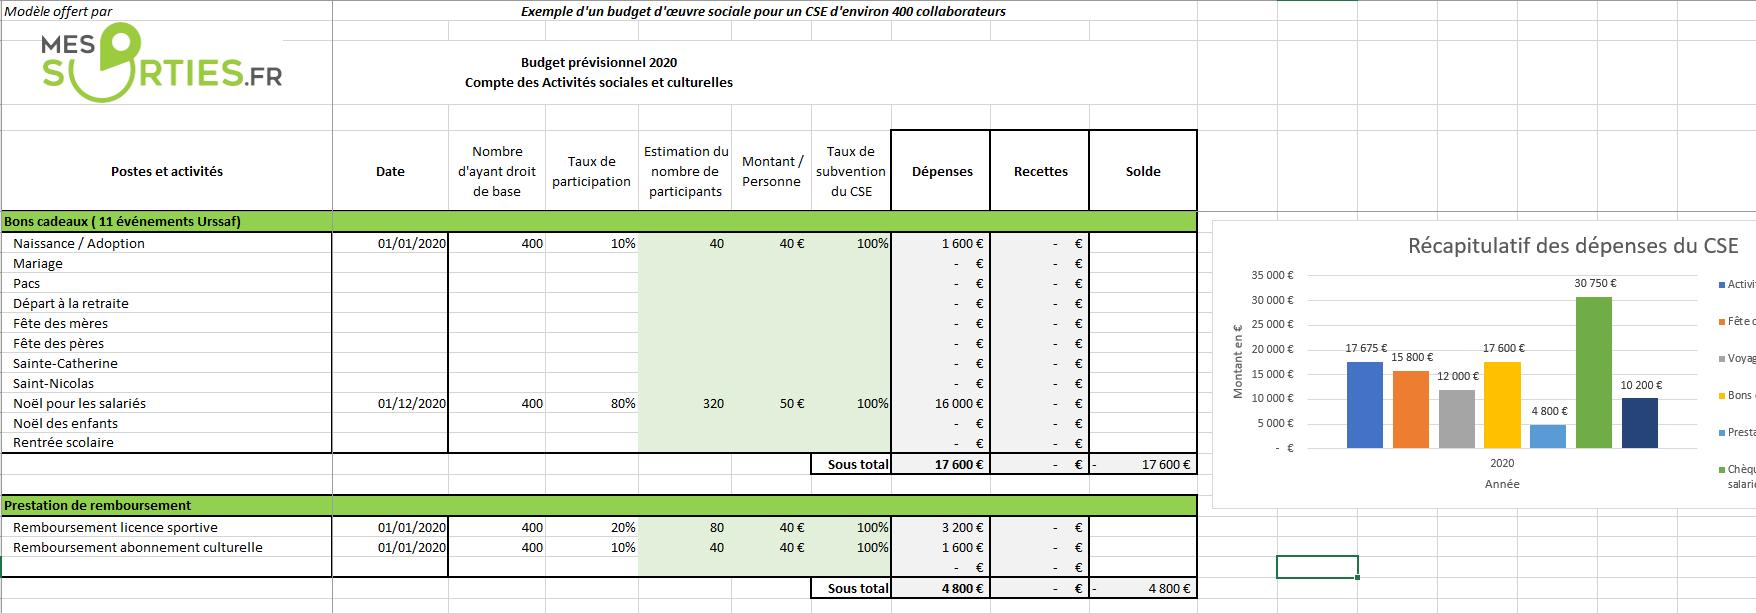 Exemple de calcul du budget prévisionnel des activités sociales et culturelles d'un CSE